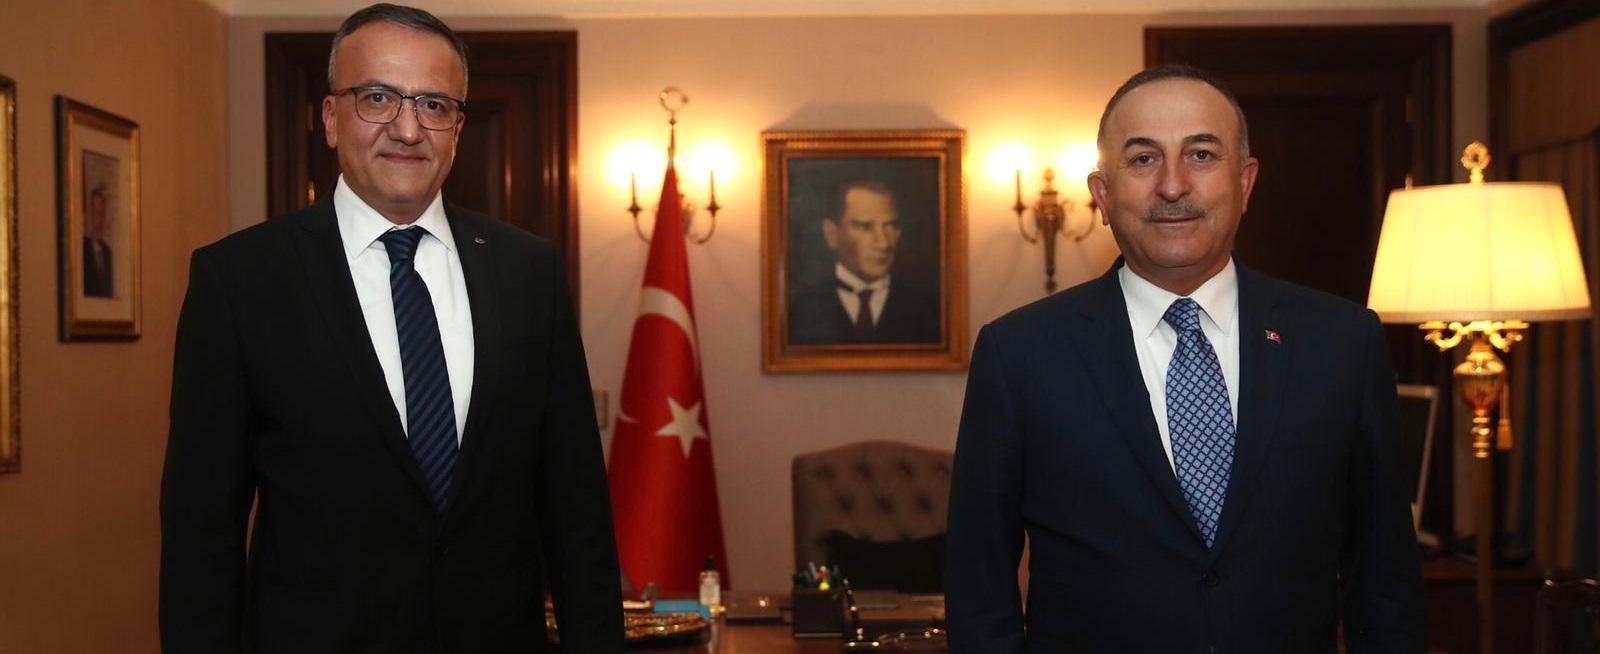 Bakan Çavuşoğlu, Kapadokya Üniversitesinin Canlı Yayın Konuğu Oldu. VİDEO HABER